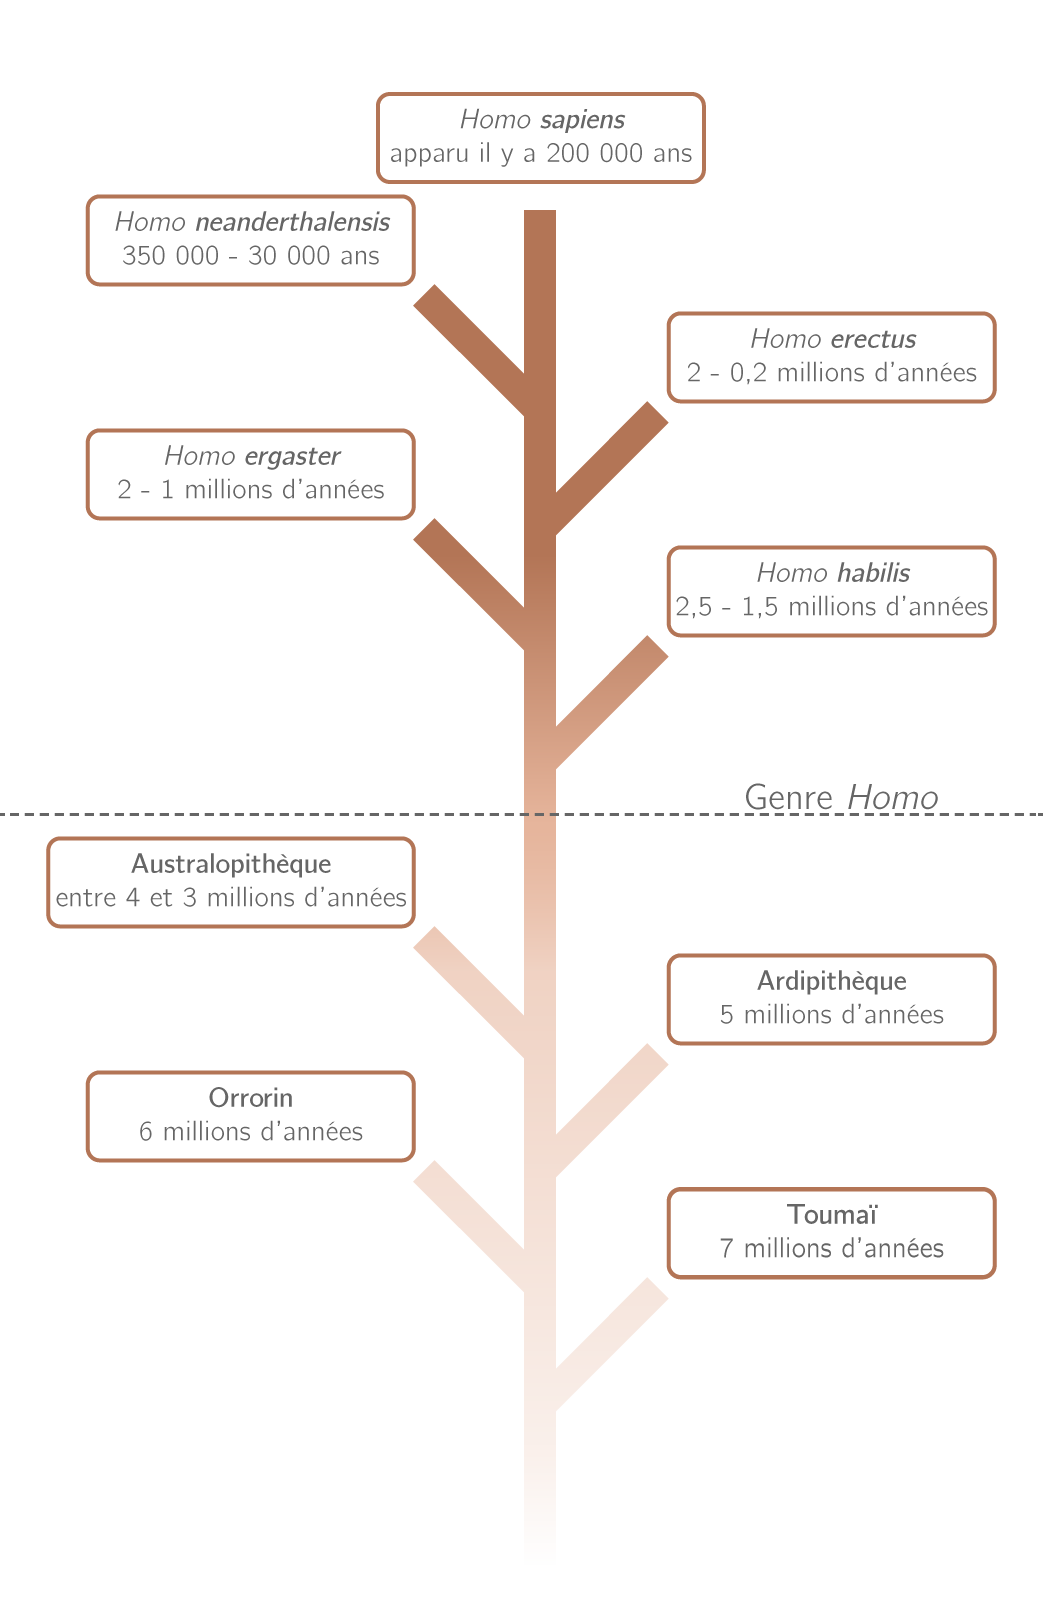 Les différentes espèces d'hominidés